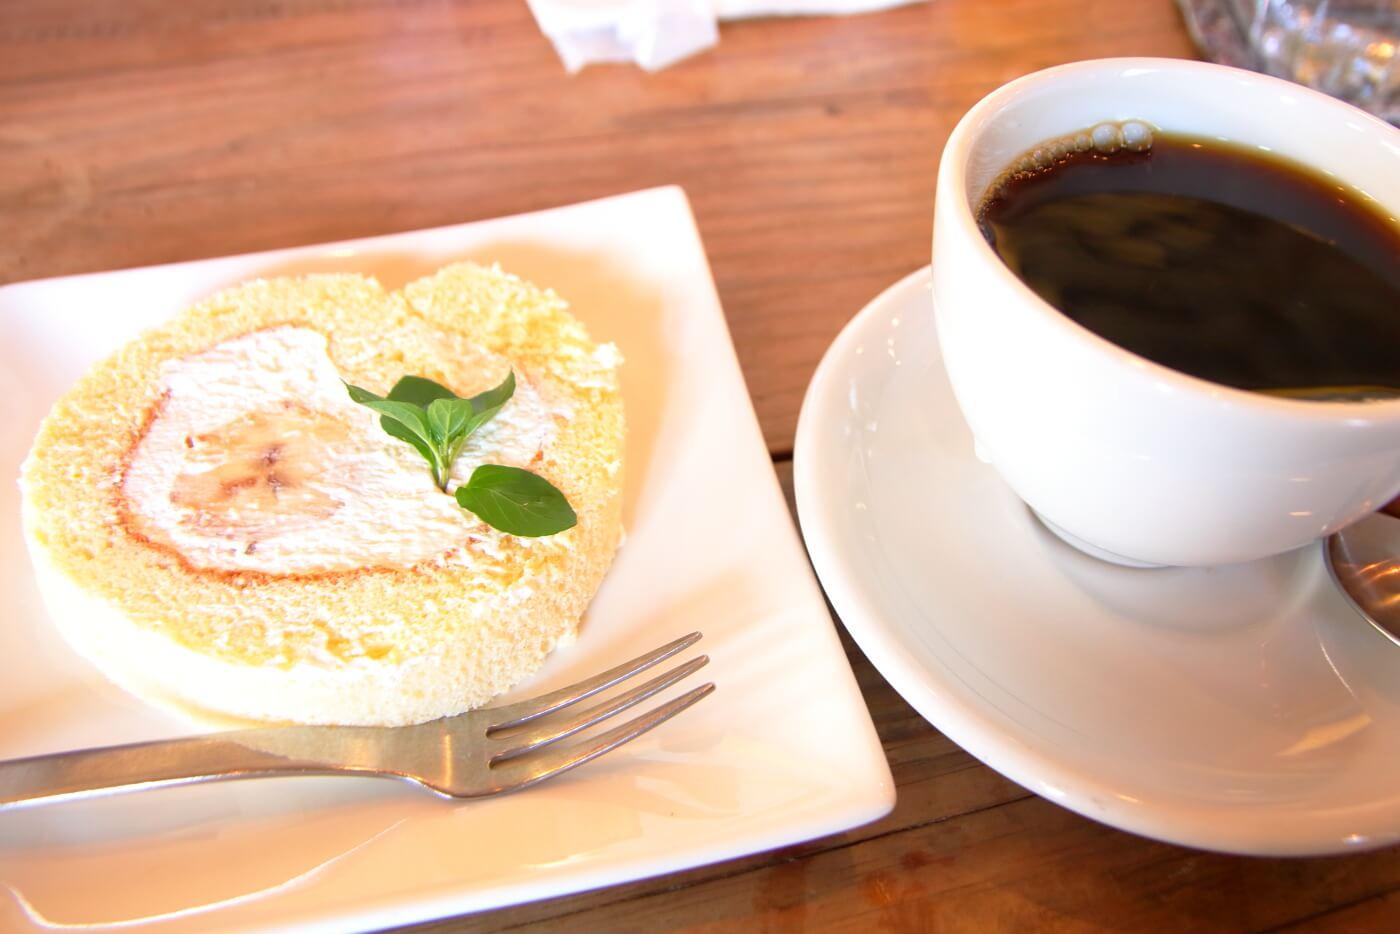 カフェククサ 日替わりランチのデザート バナナのロールケーキとコーヒー